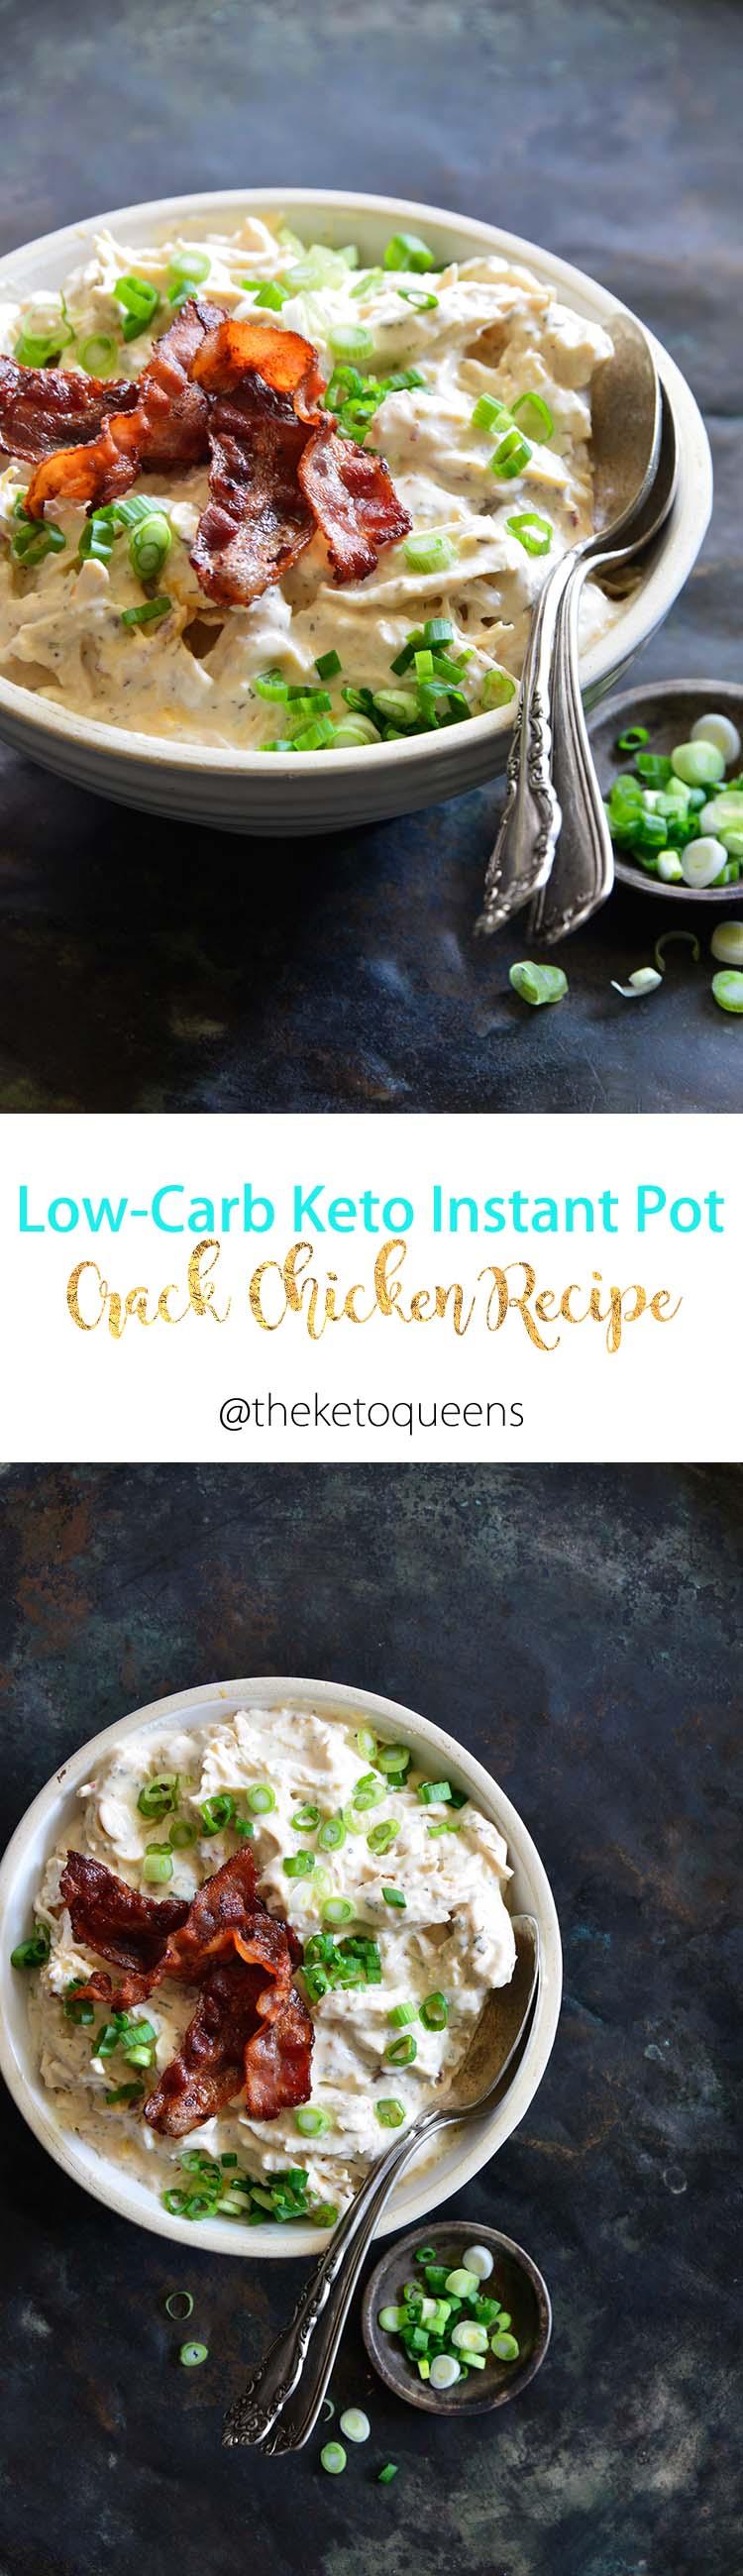 Keto Instant Pot Crack Chicken Recipe Long Pin